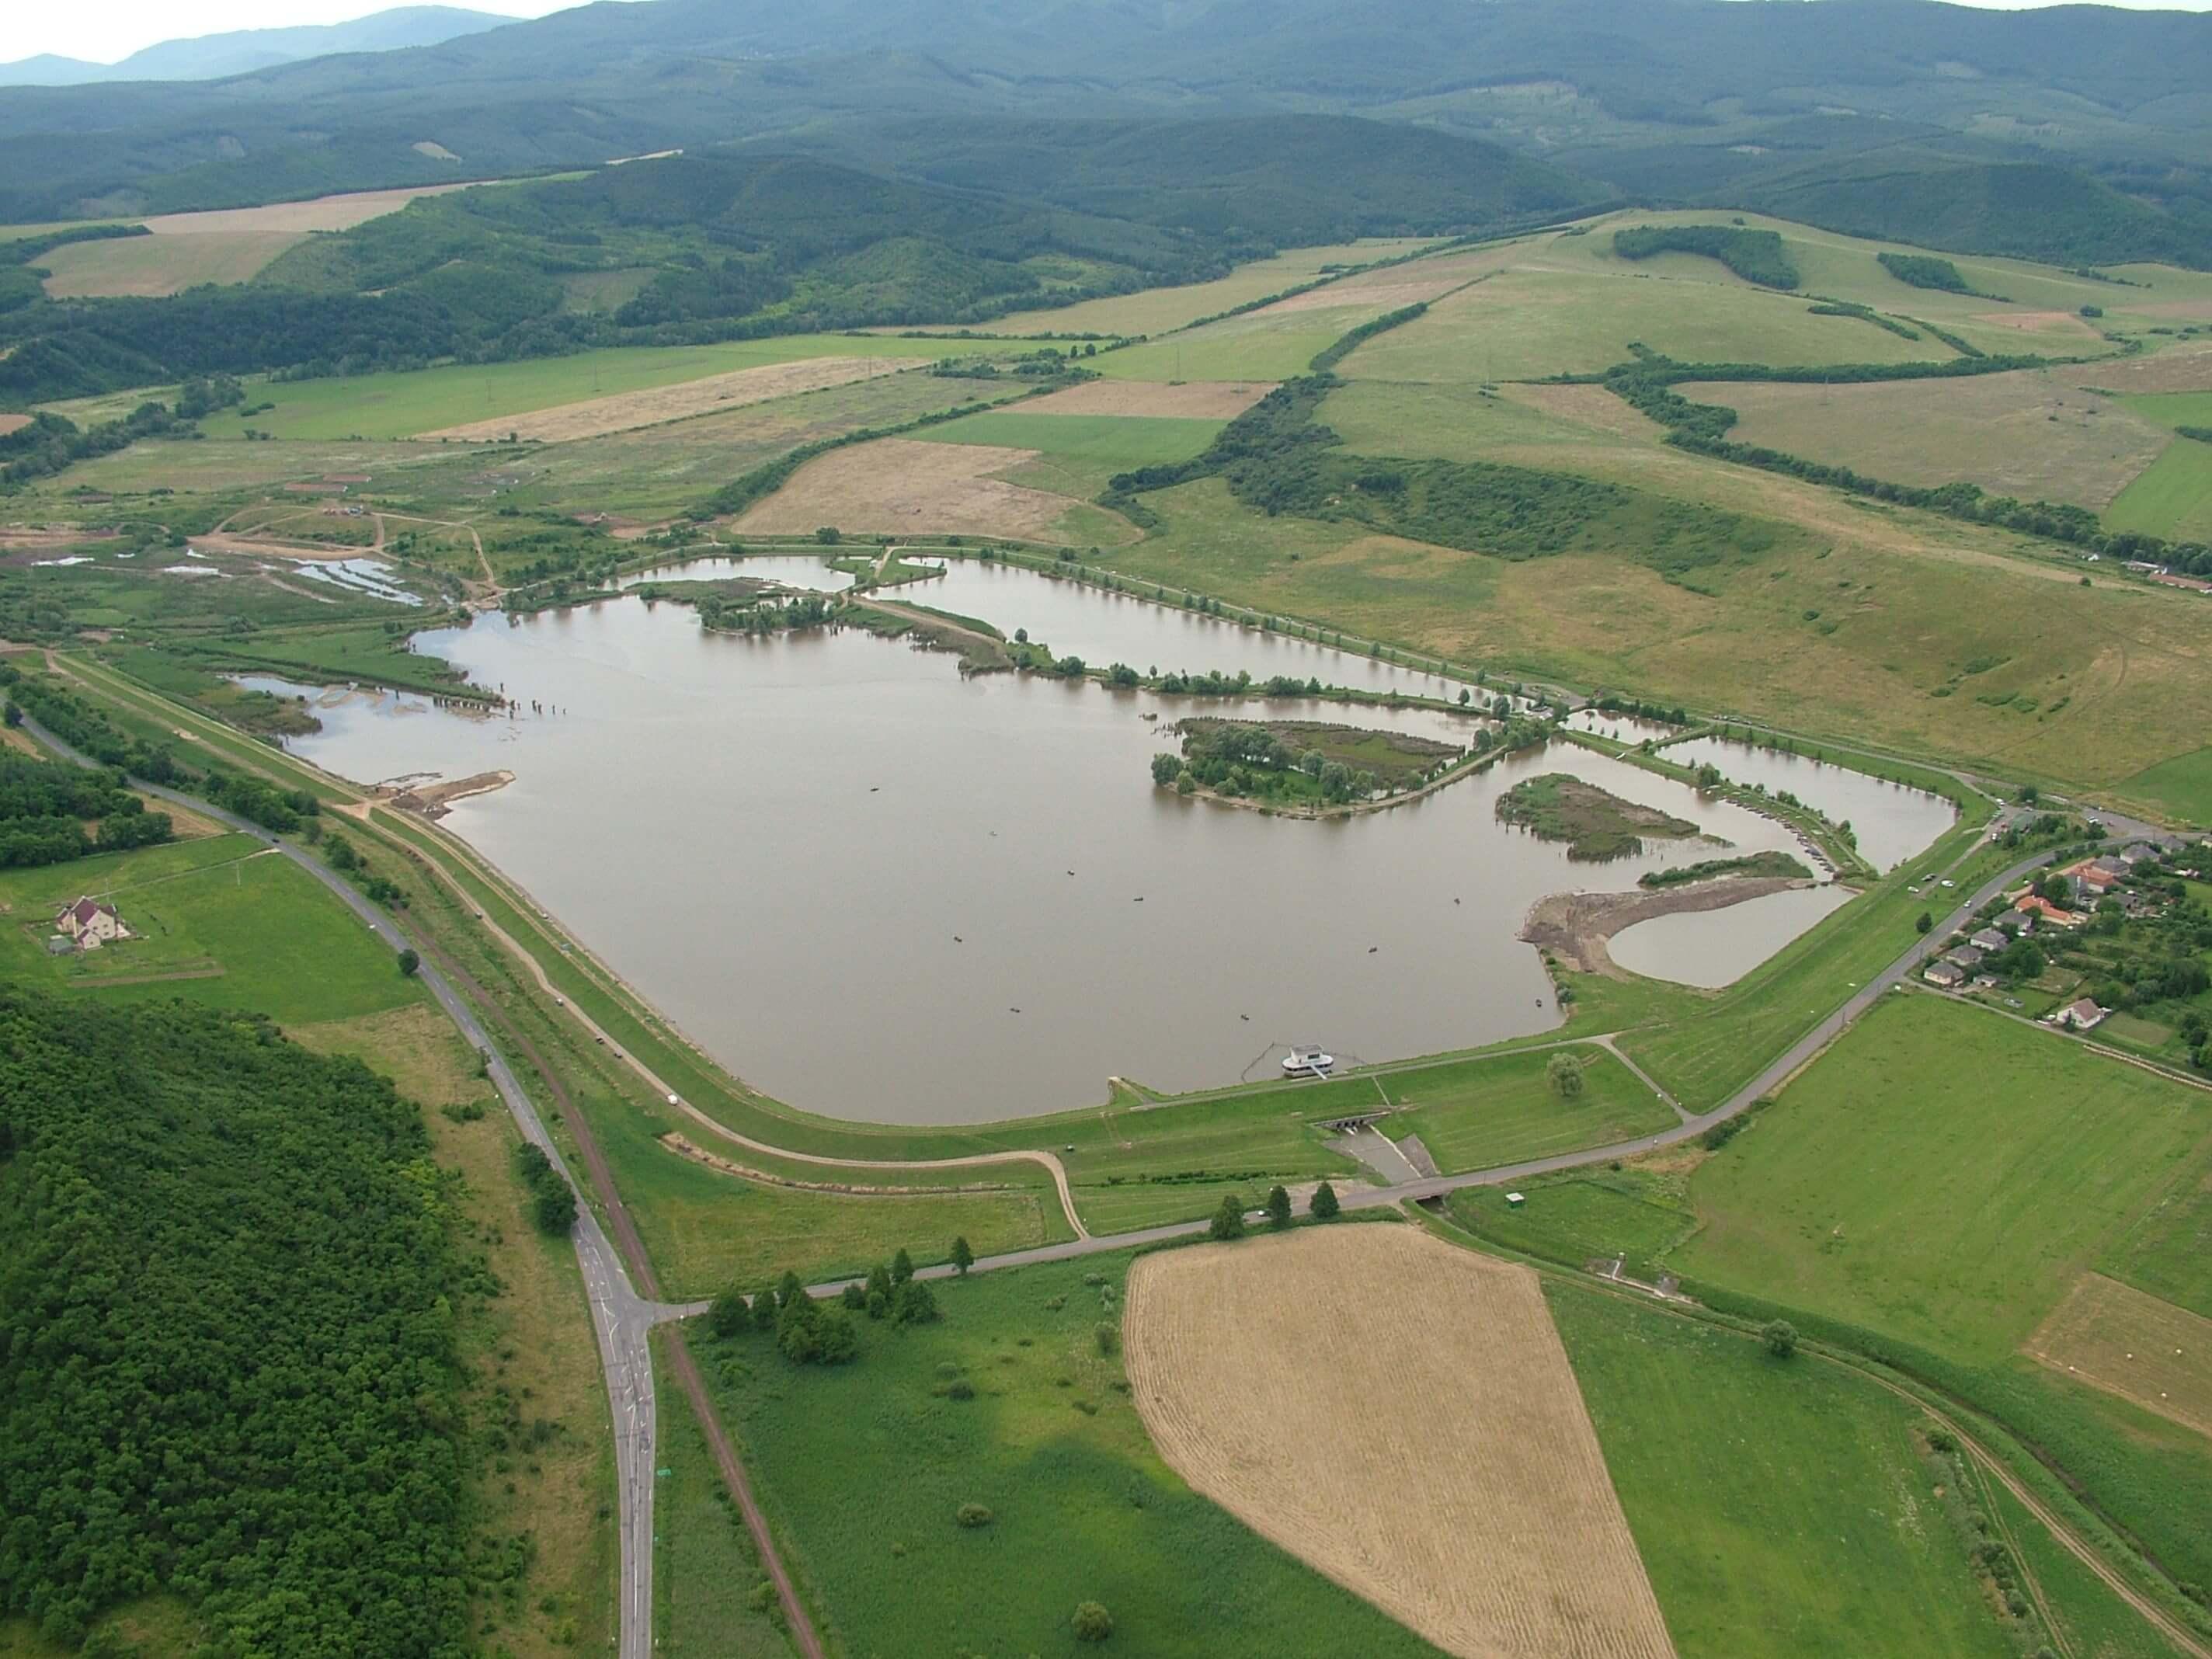 Milliárdos árvízvédelmi fejlesztésbe kezdenek Nyugat-Magyarországon